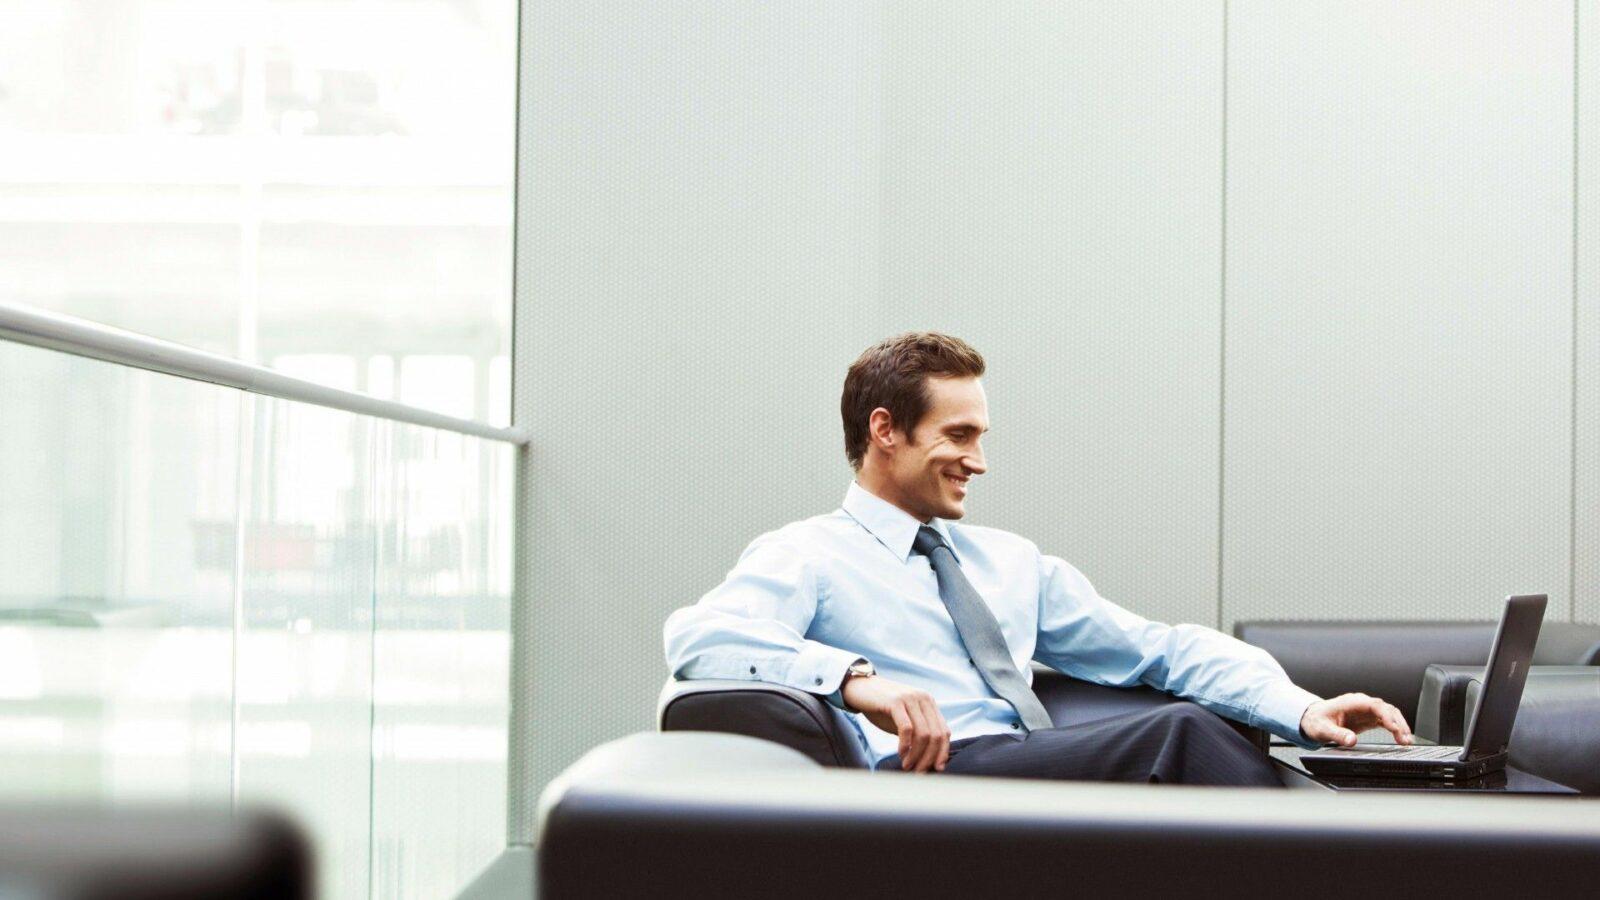 Харктеристика настоящего бизнесмена